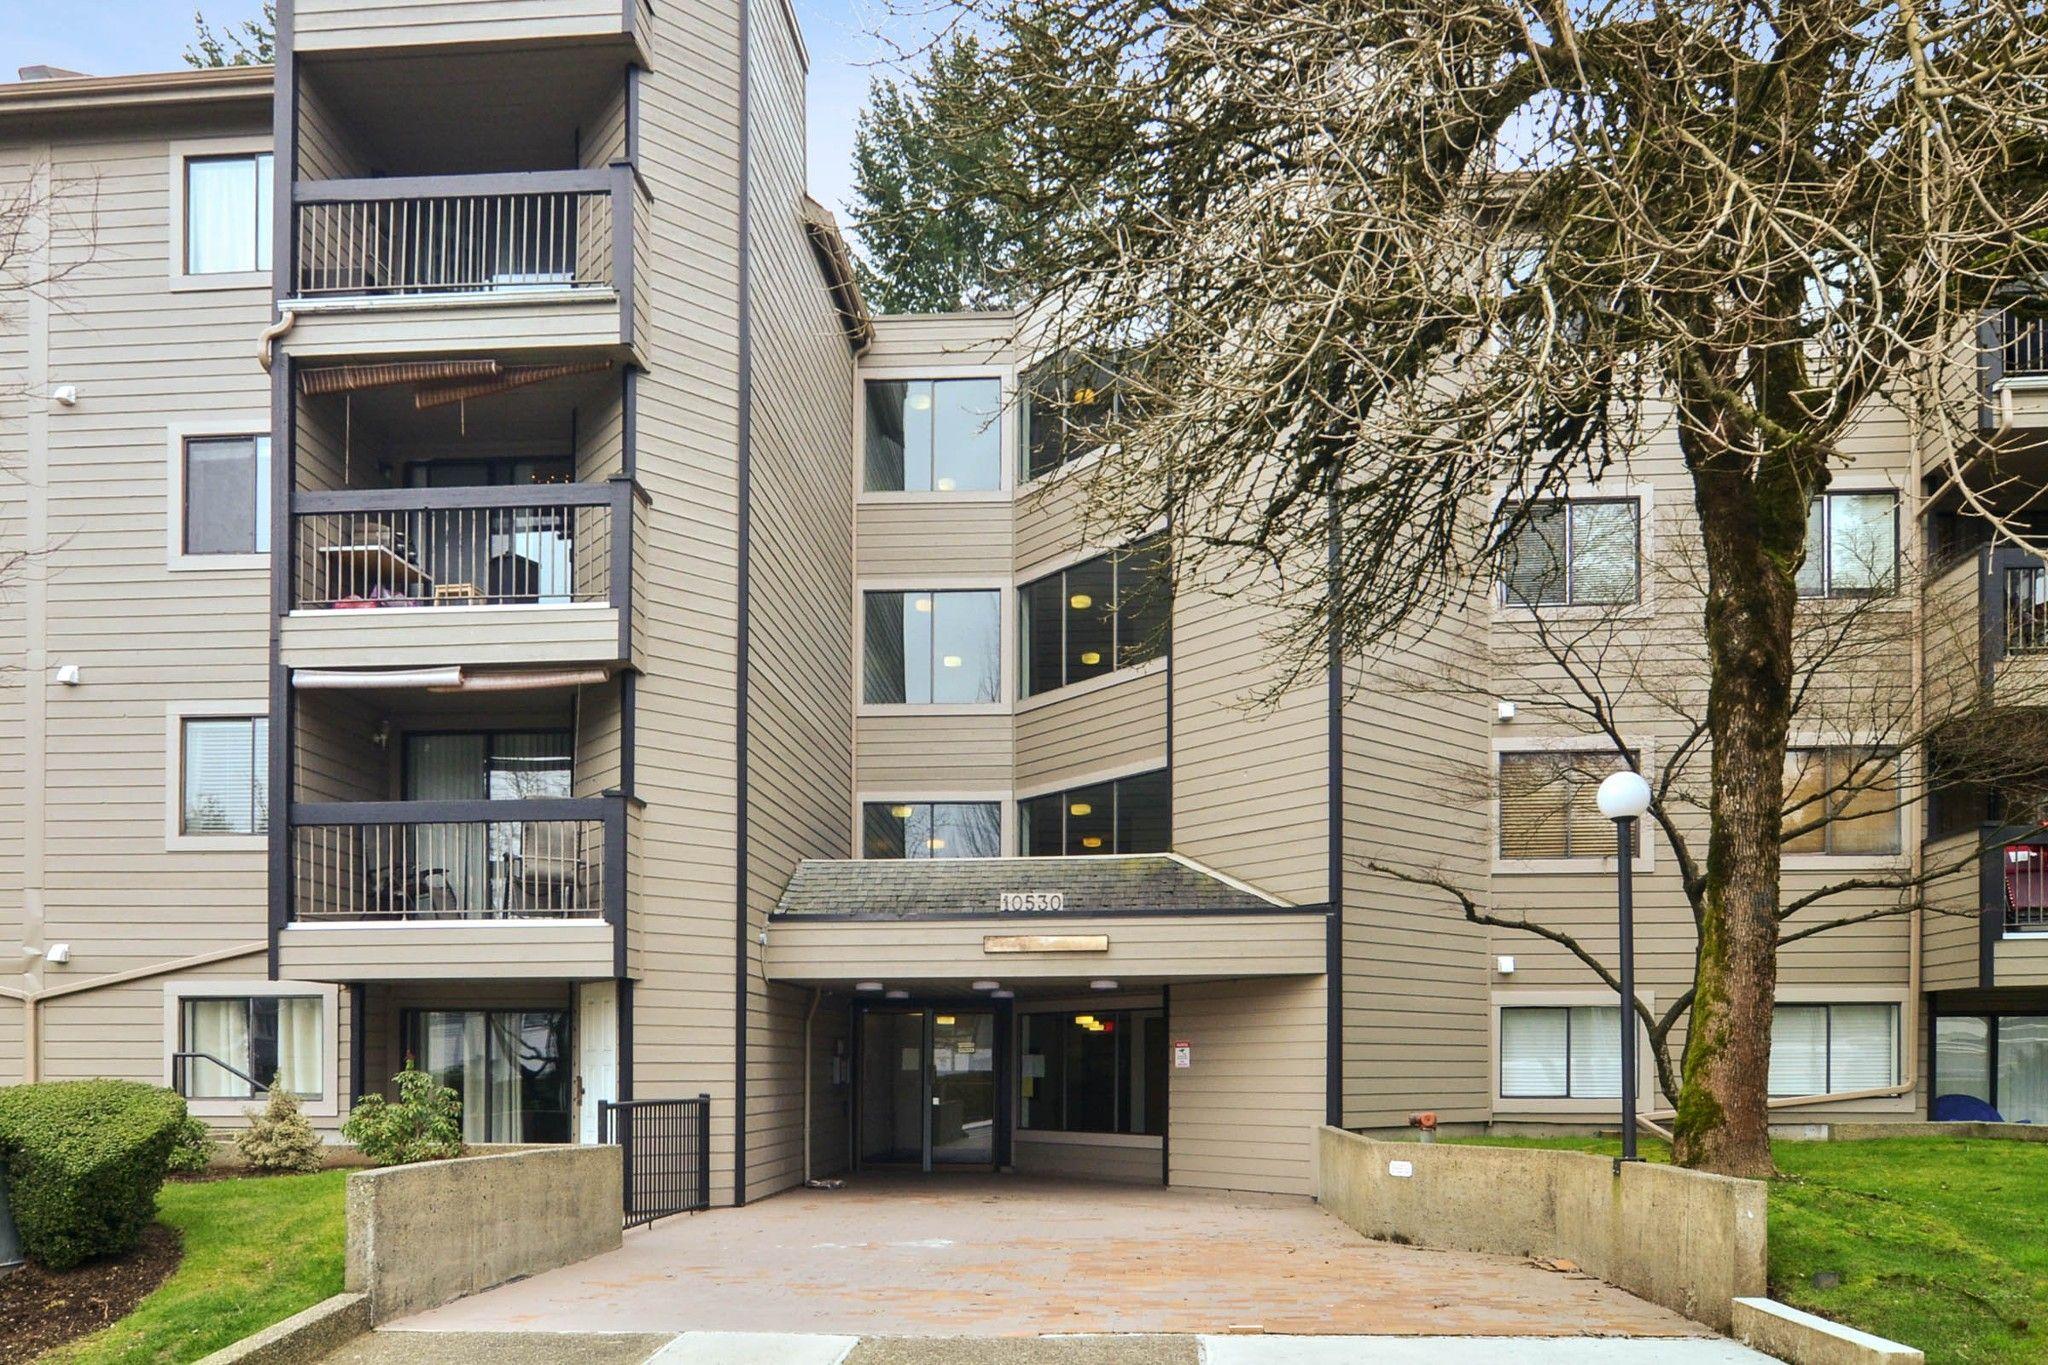 """Main Photo: 417 10530 154 Street in Surrey: Guildford Condo for sale in """"Creekside"""" (North Surrey)  : MLS®# R2546186"""